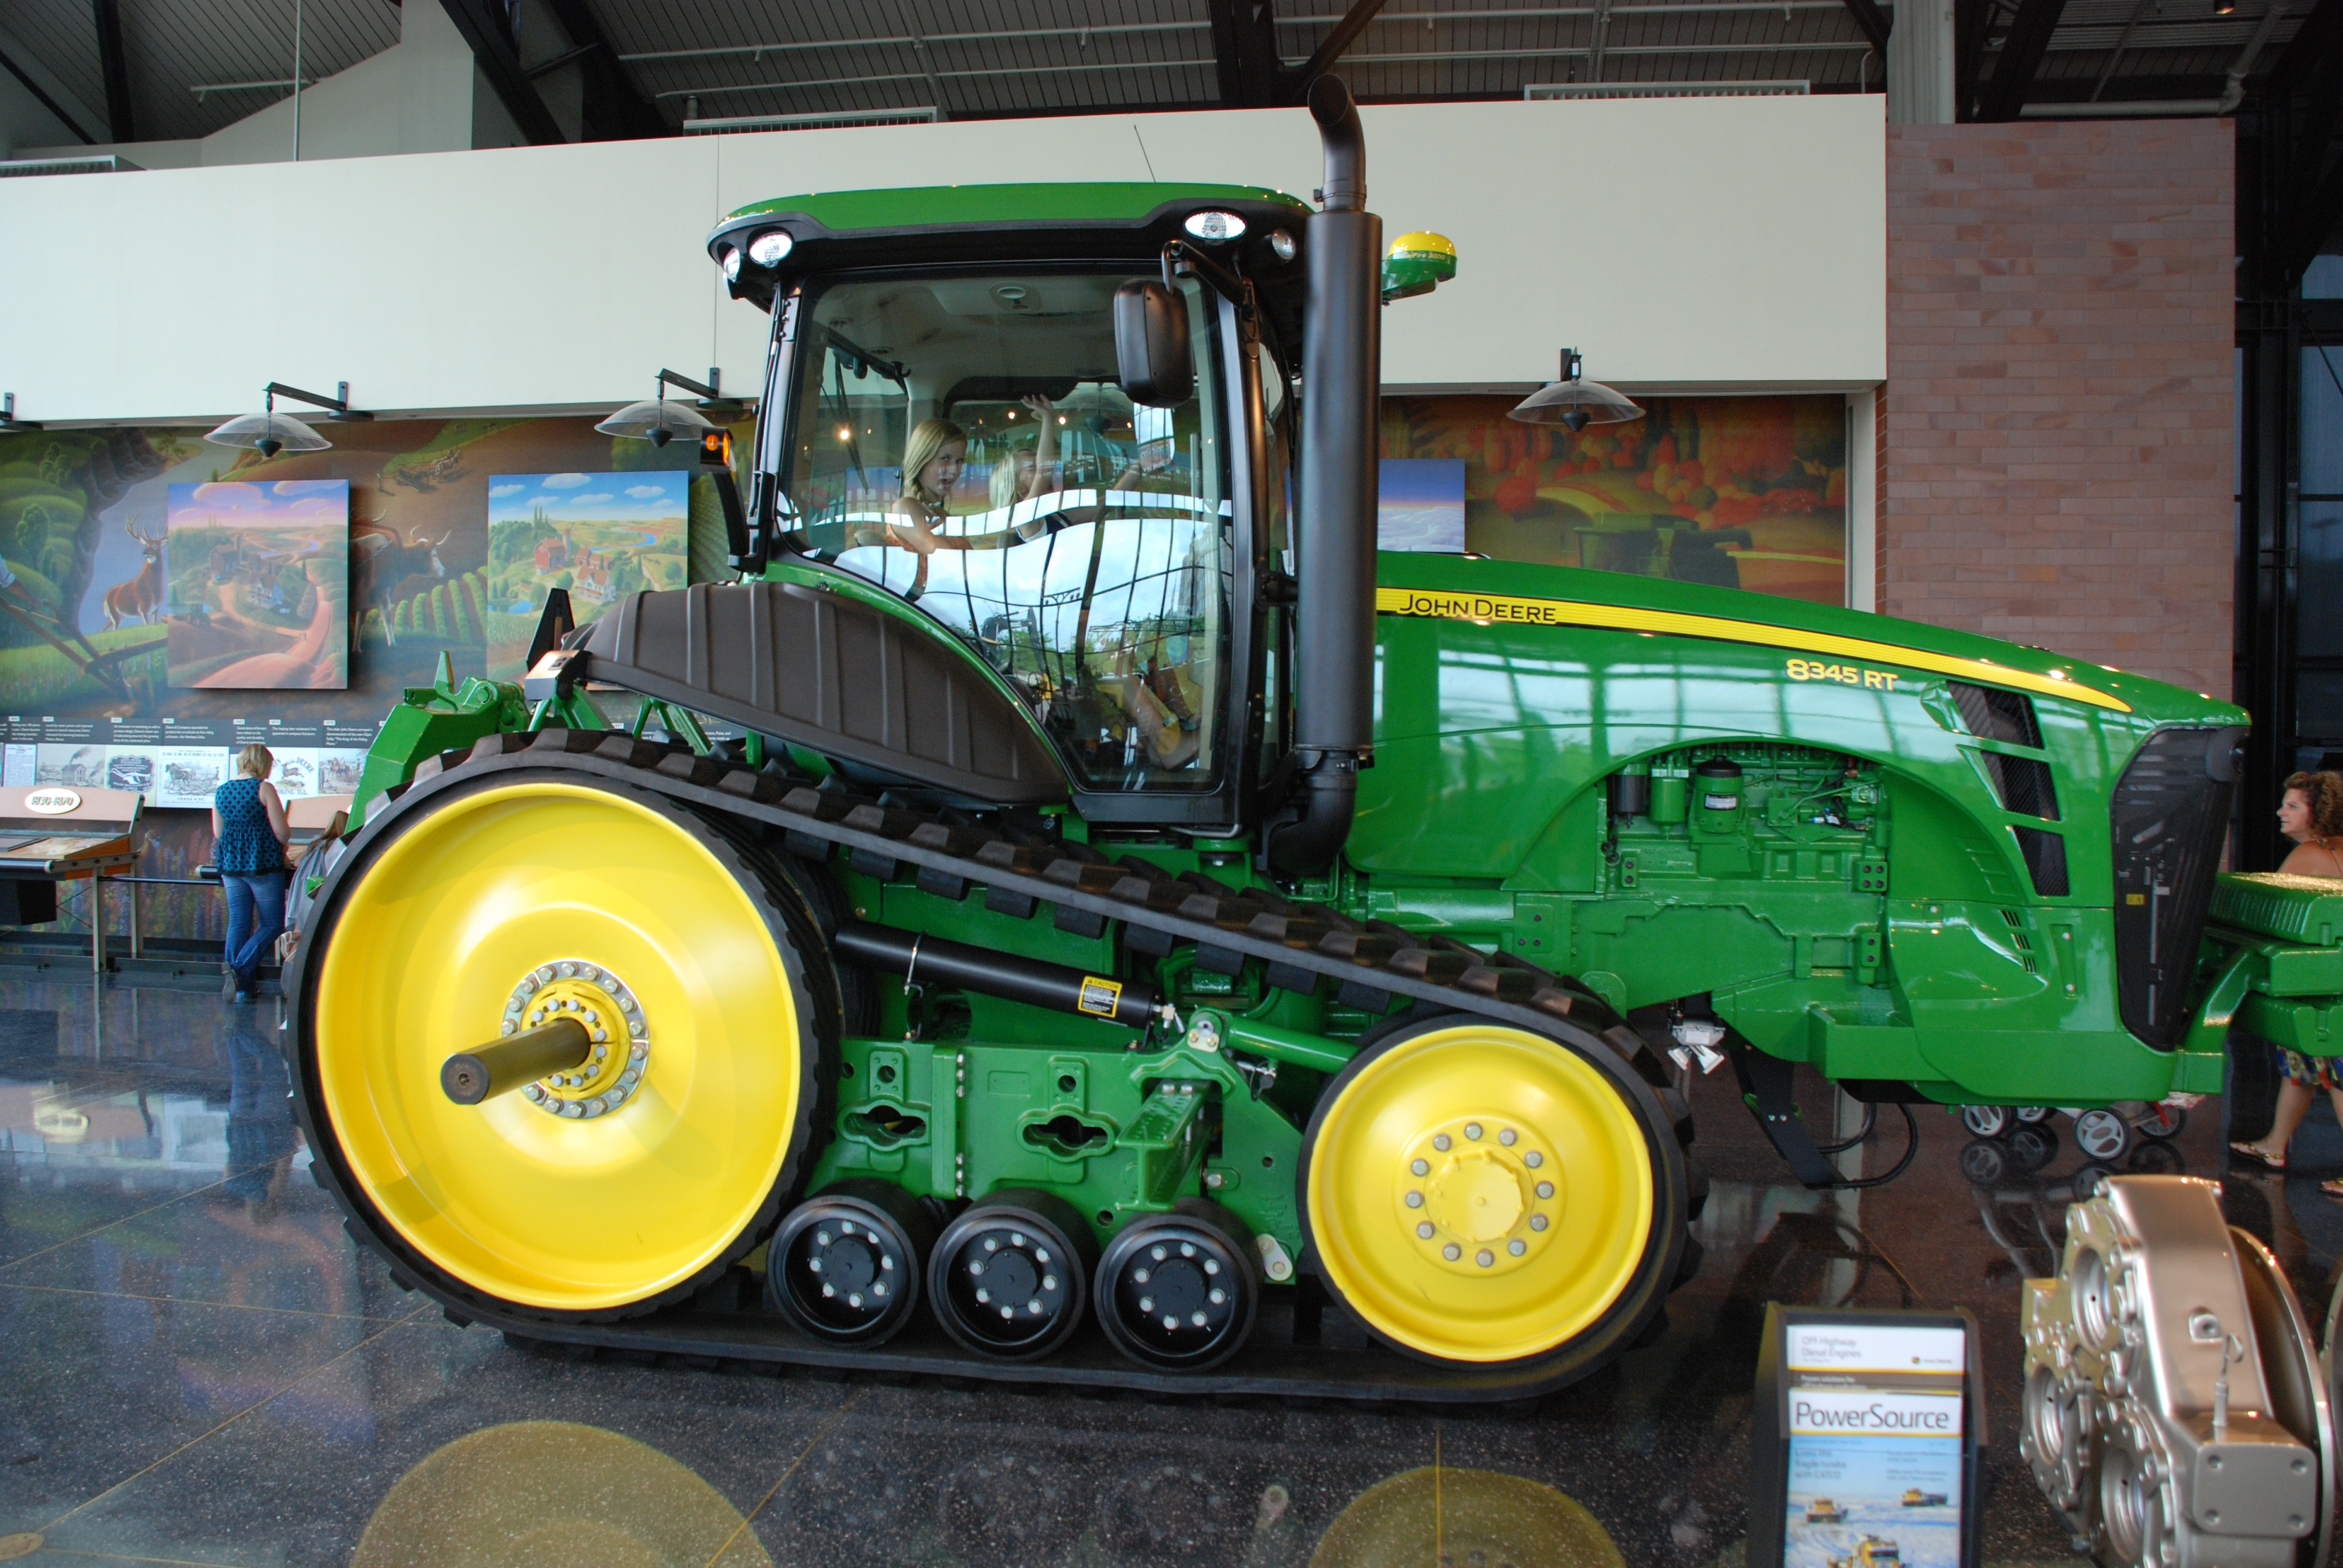 John Deere Side By Side >> File:John Deere 8345 RT, side view.jpg - Wikimedia Commons